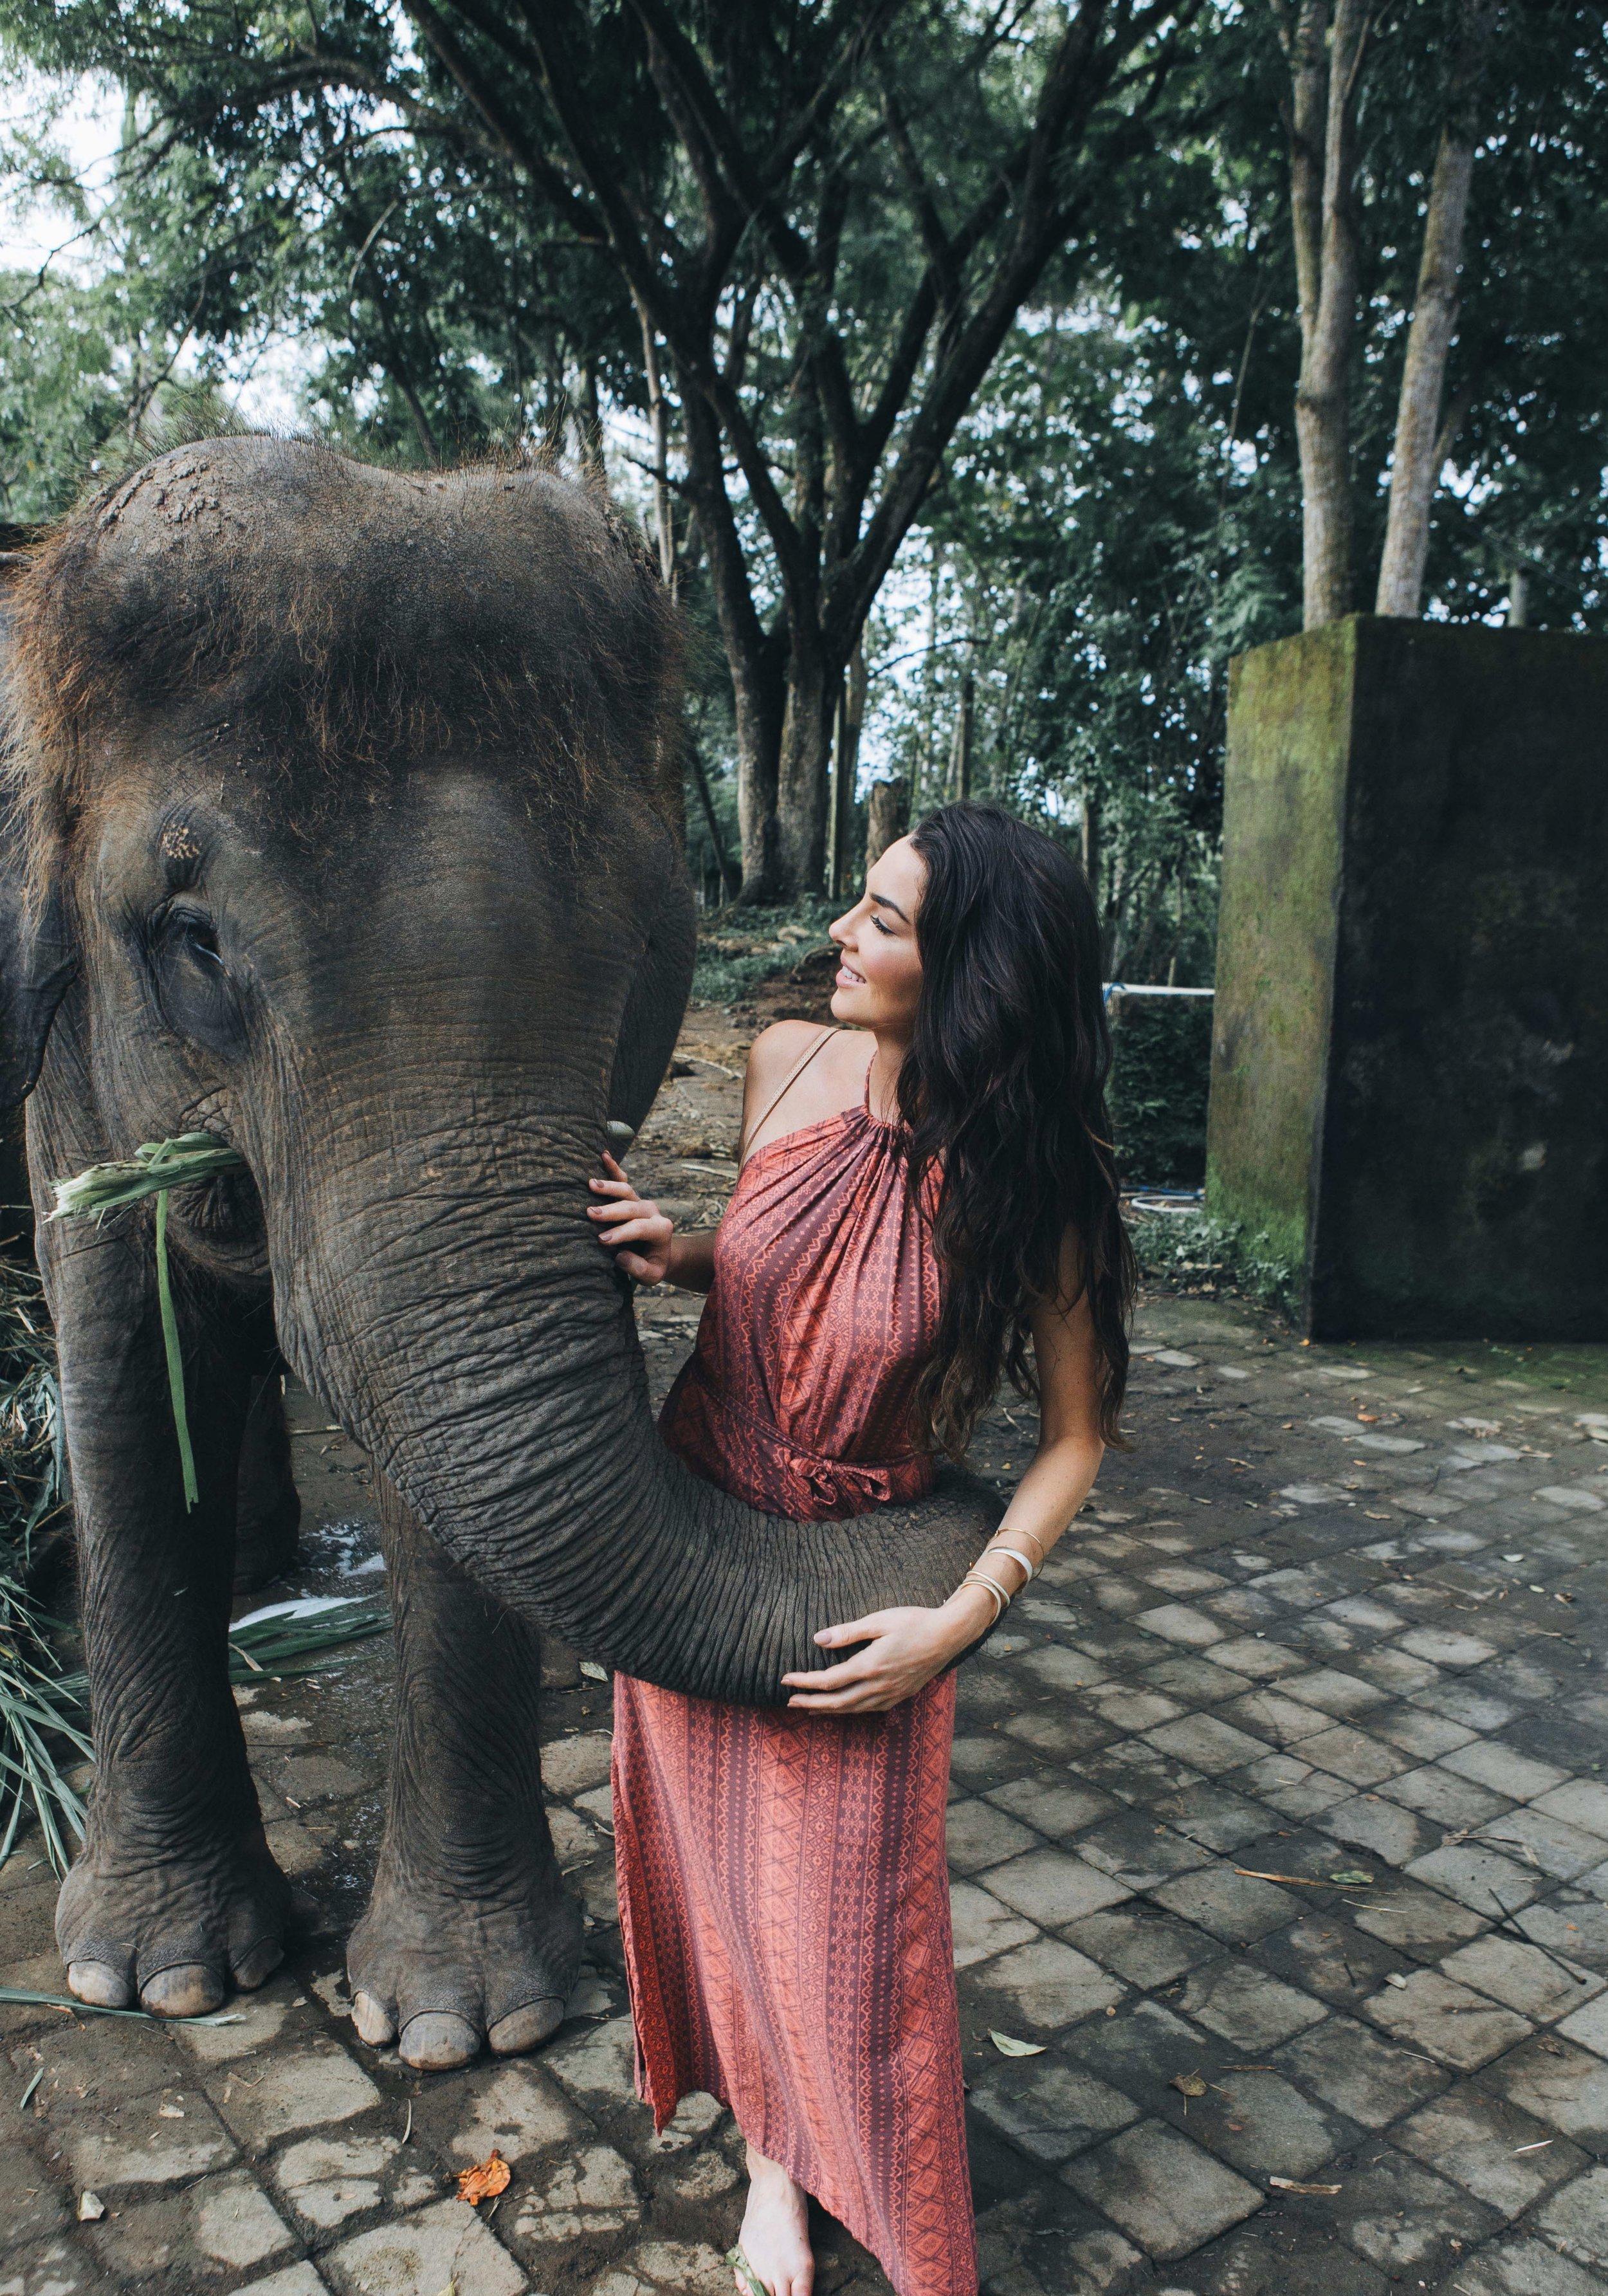 elephants in bali.jpg